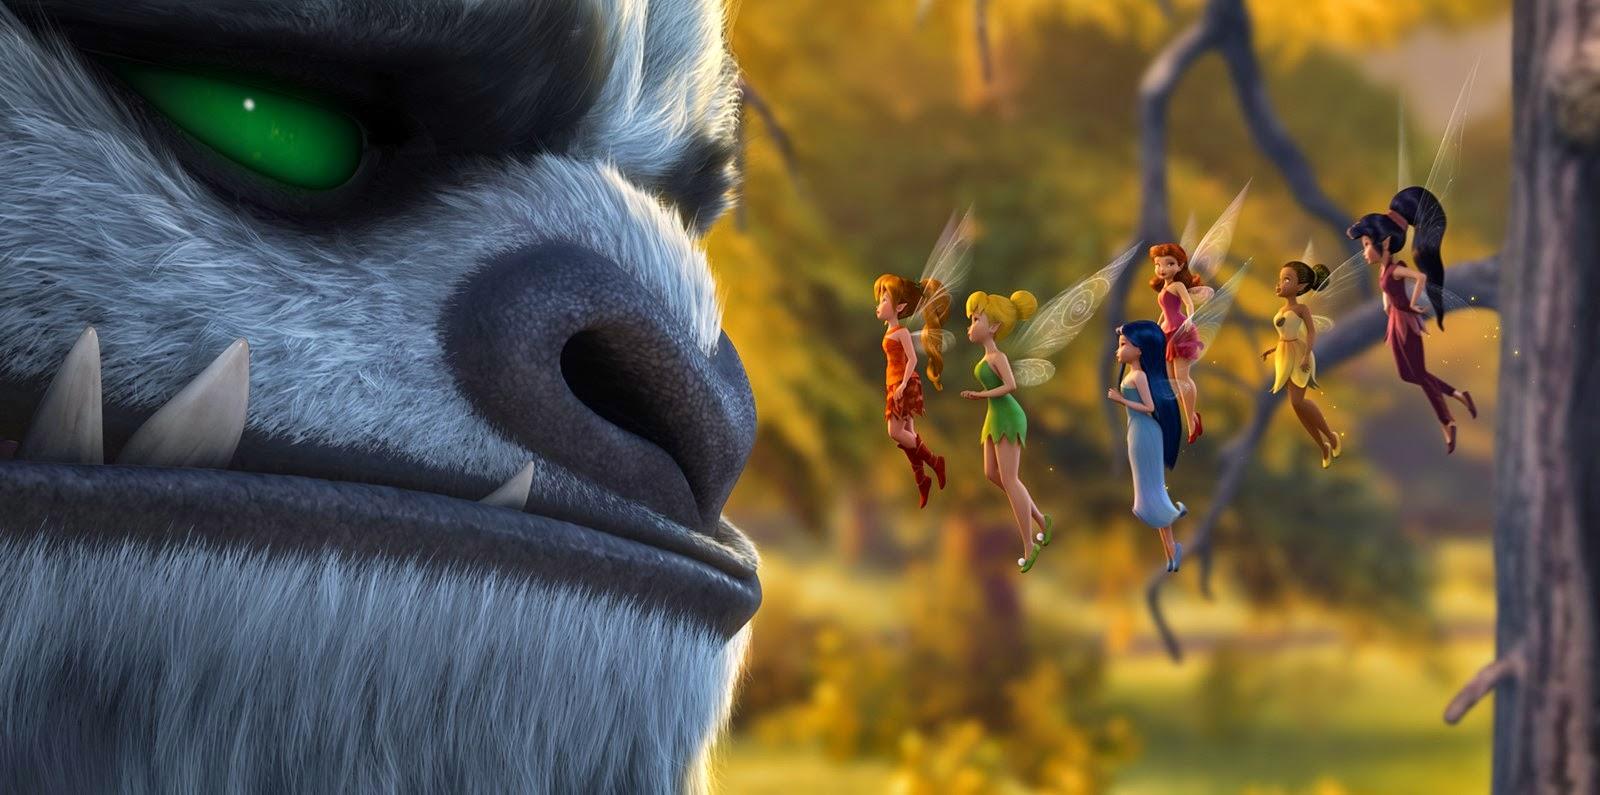 Estreias da semana (26/02):  Tinker Bell e o monstro da Terra do Nunca, Superpai e Sem direito a resgate